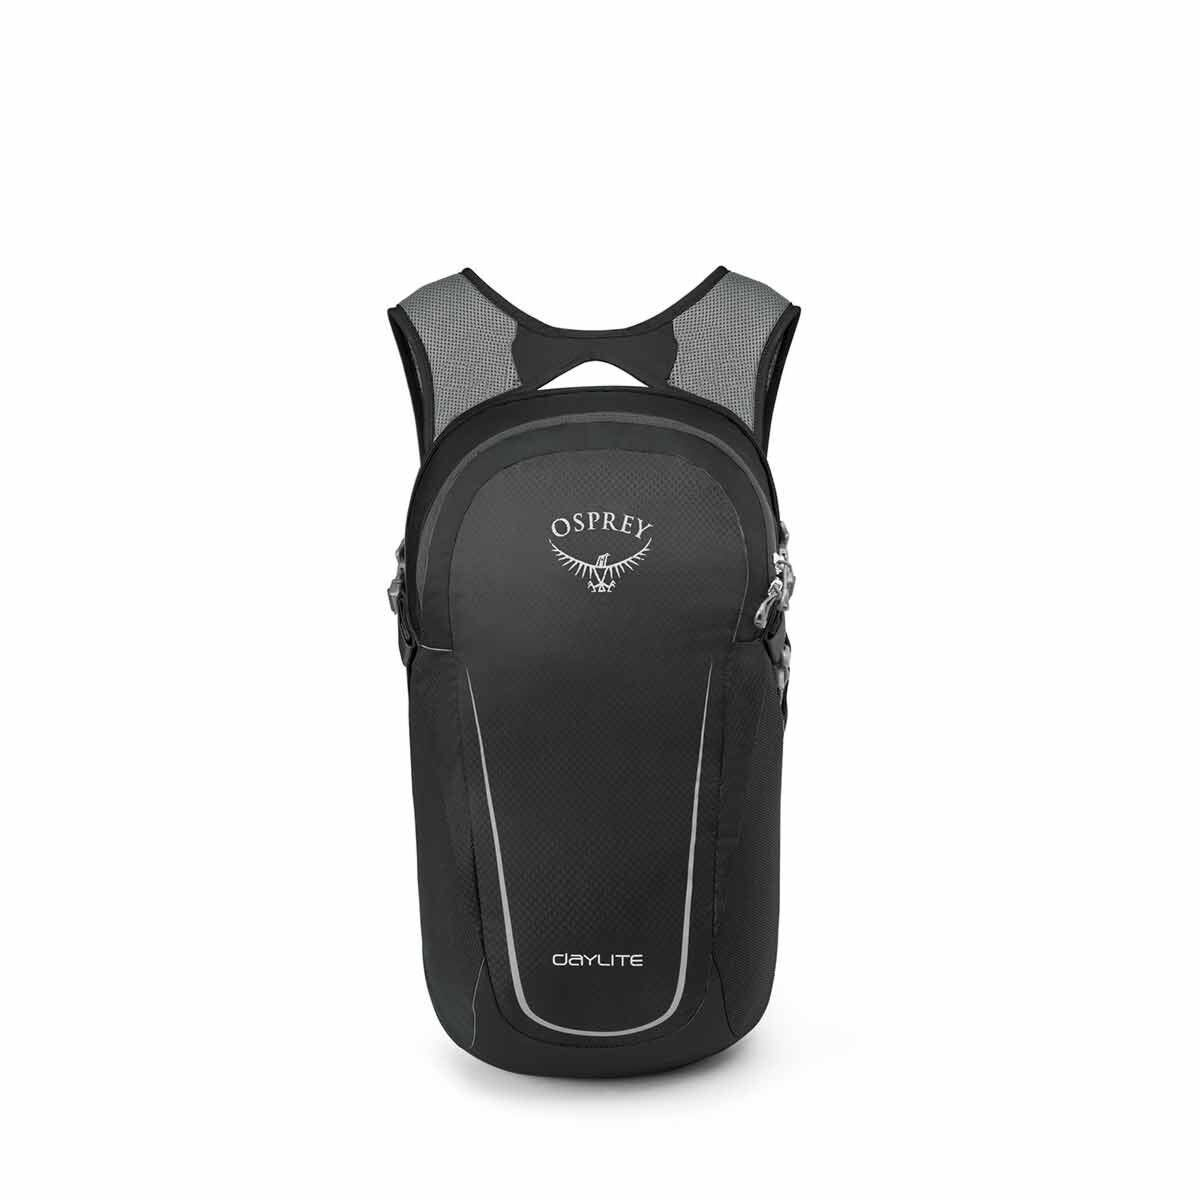 Osprey Daylite 13 Litre Backpack Black